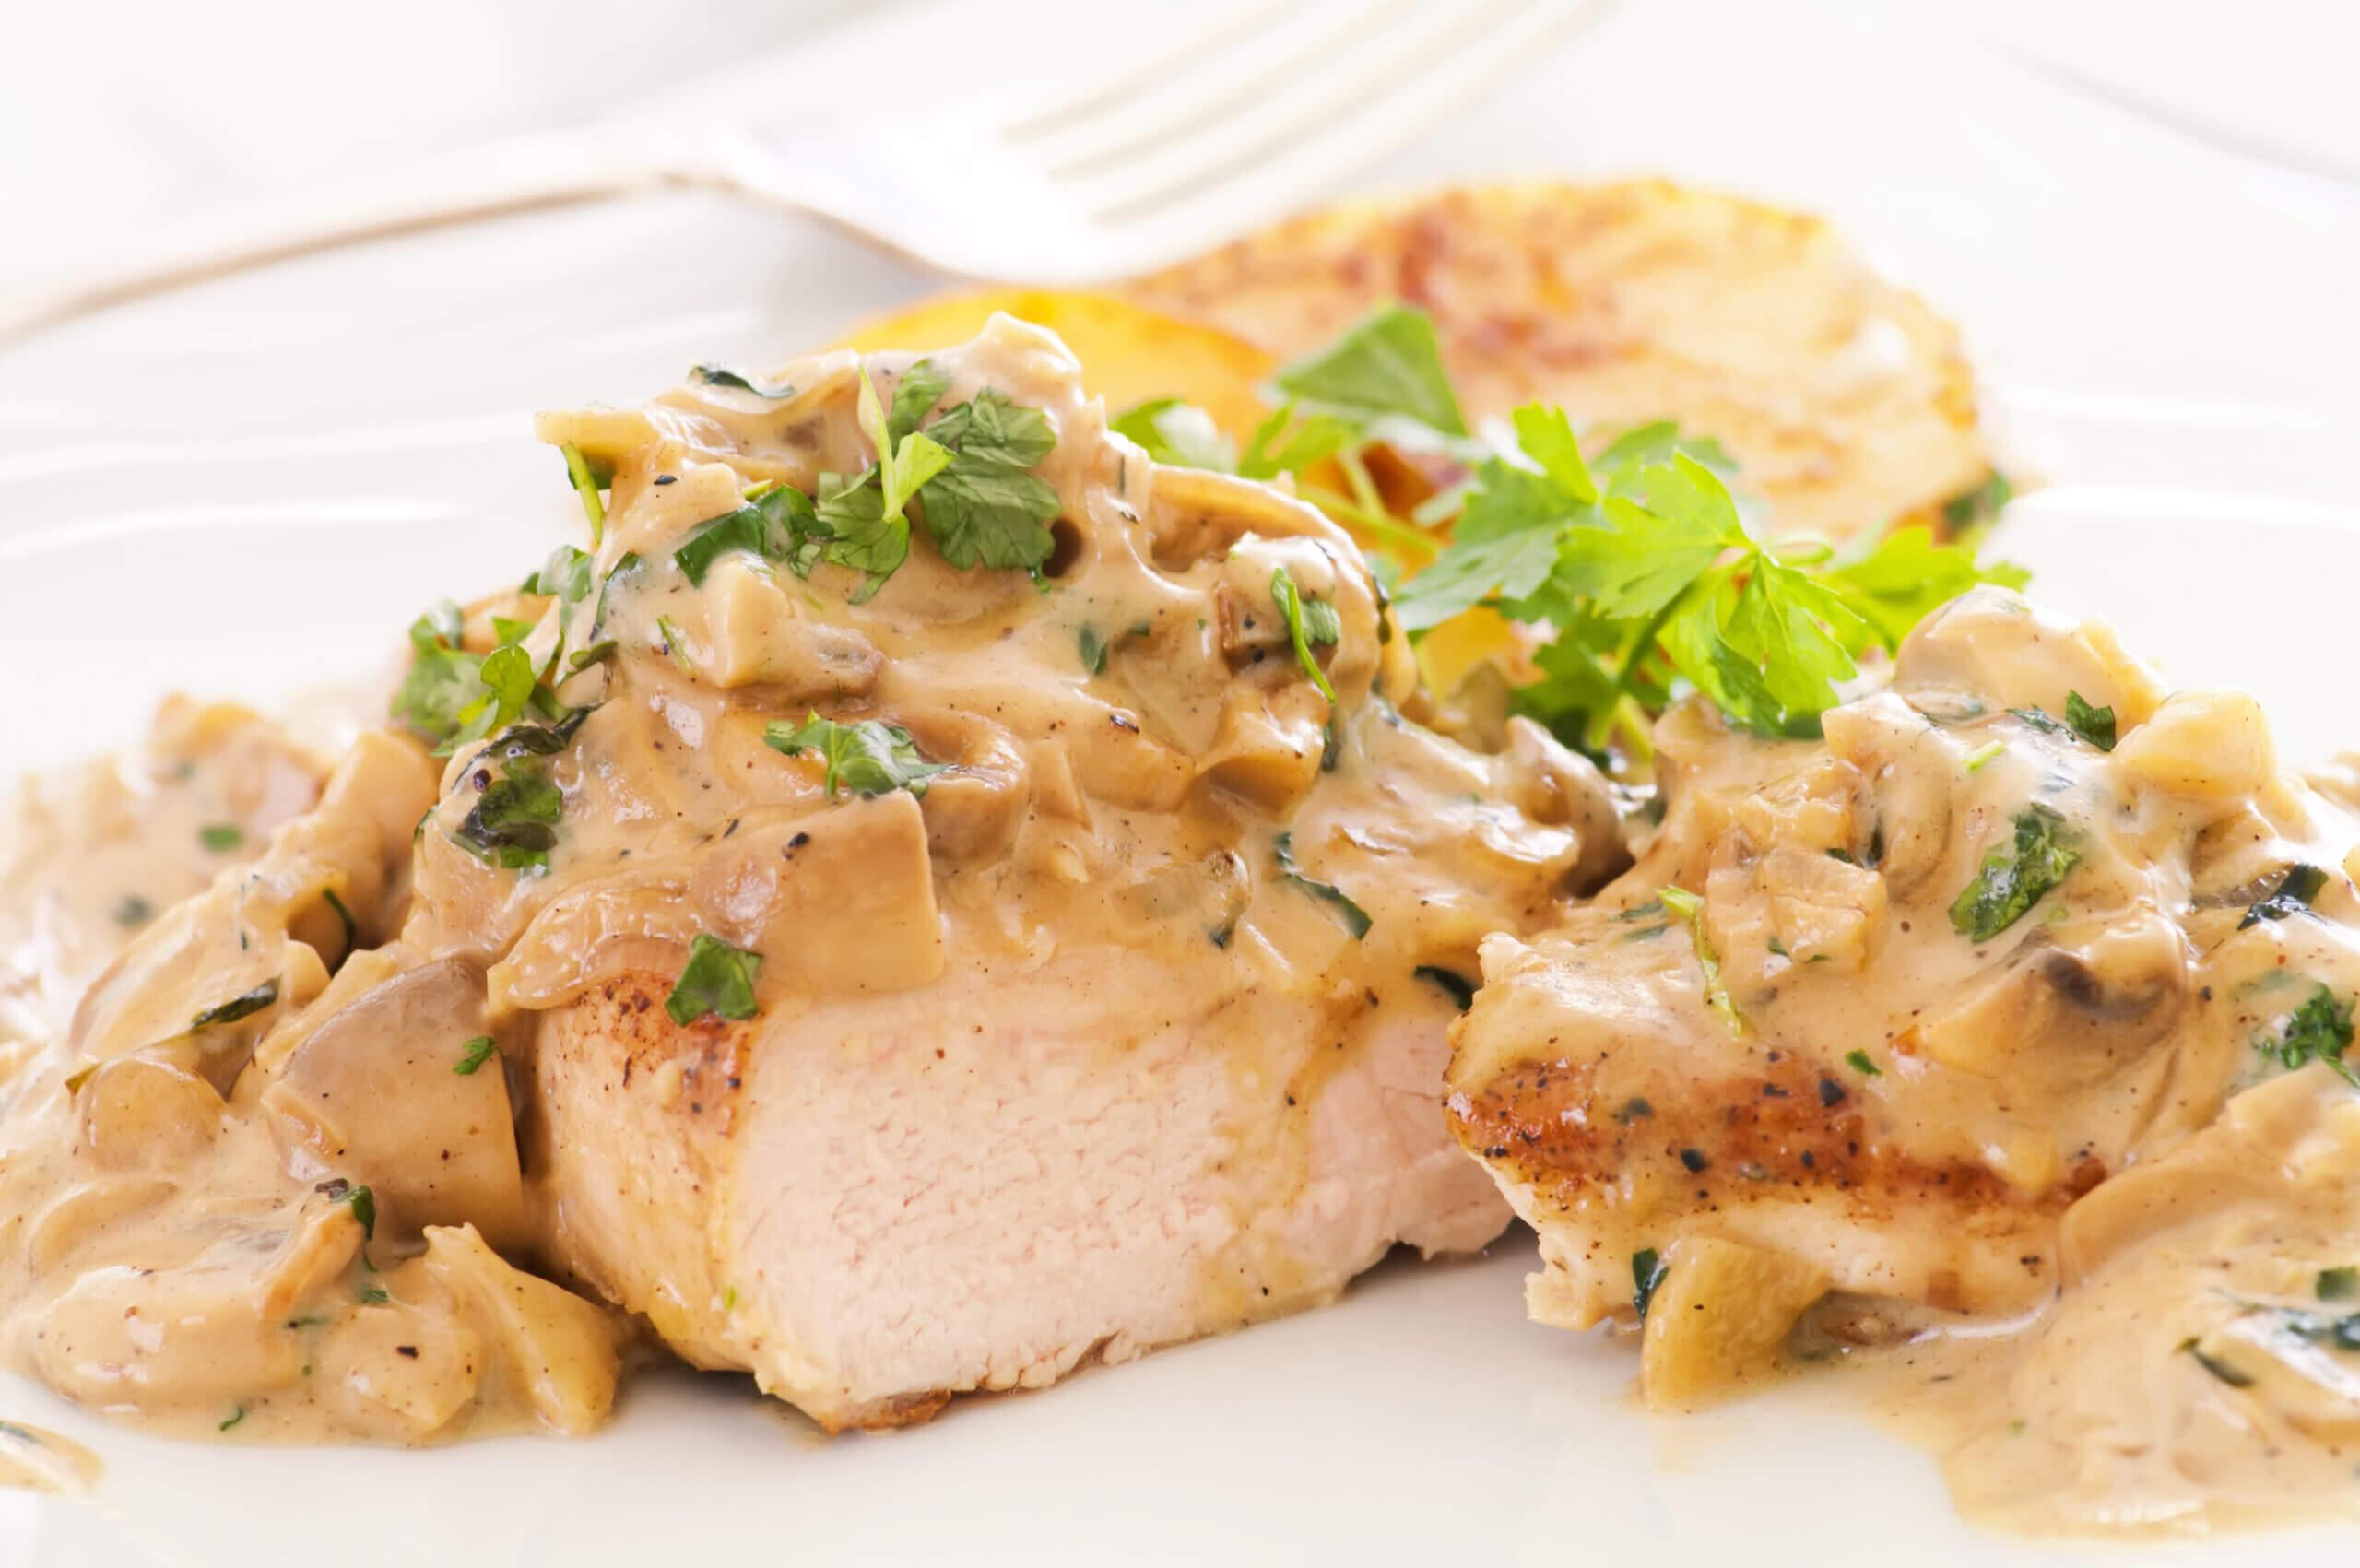 Chicken with Mushroom Cream Sauce